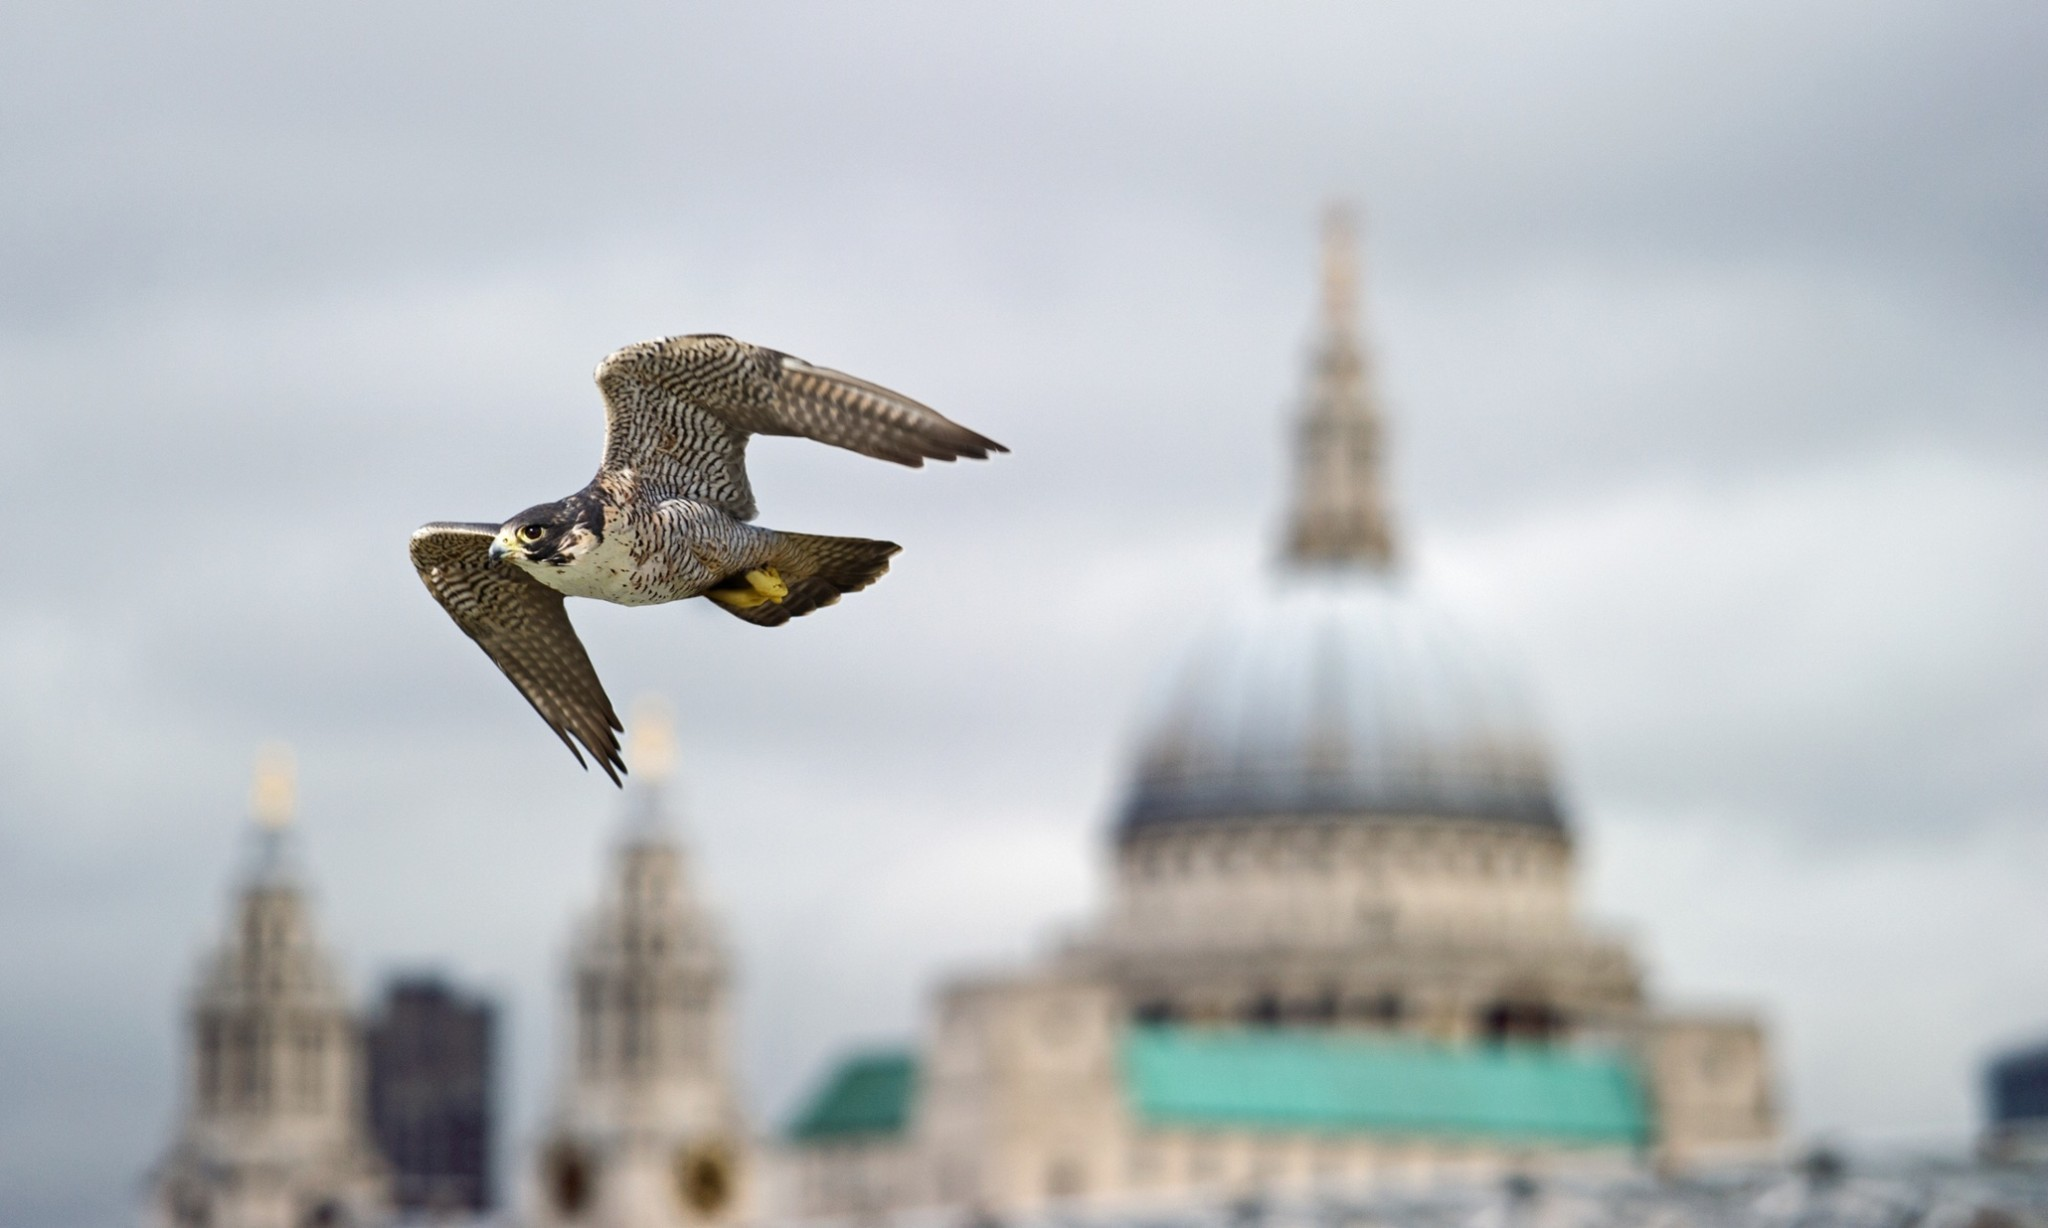 Urban wildlife: when animals go wild in the city